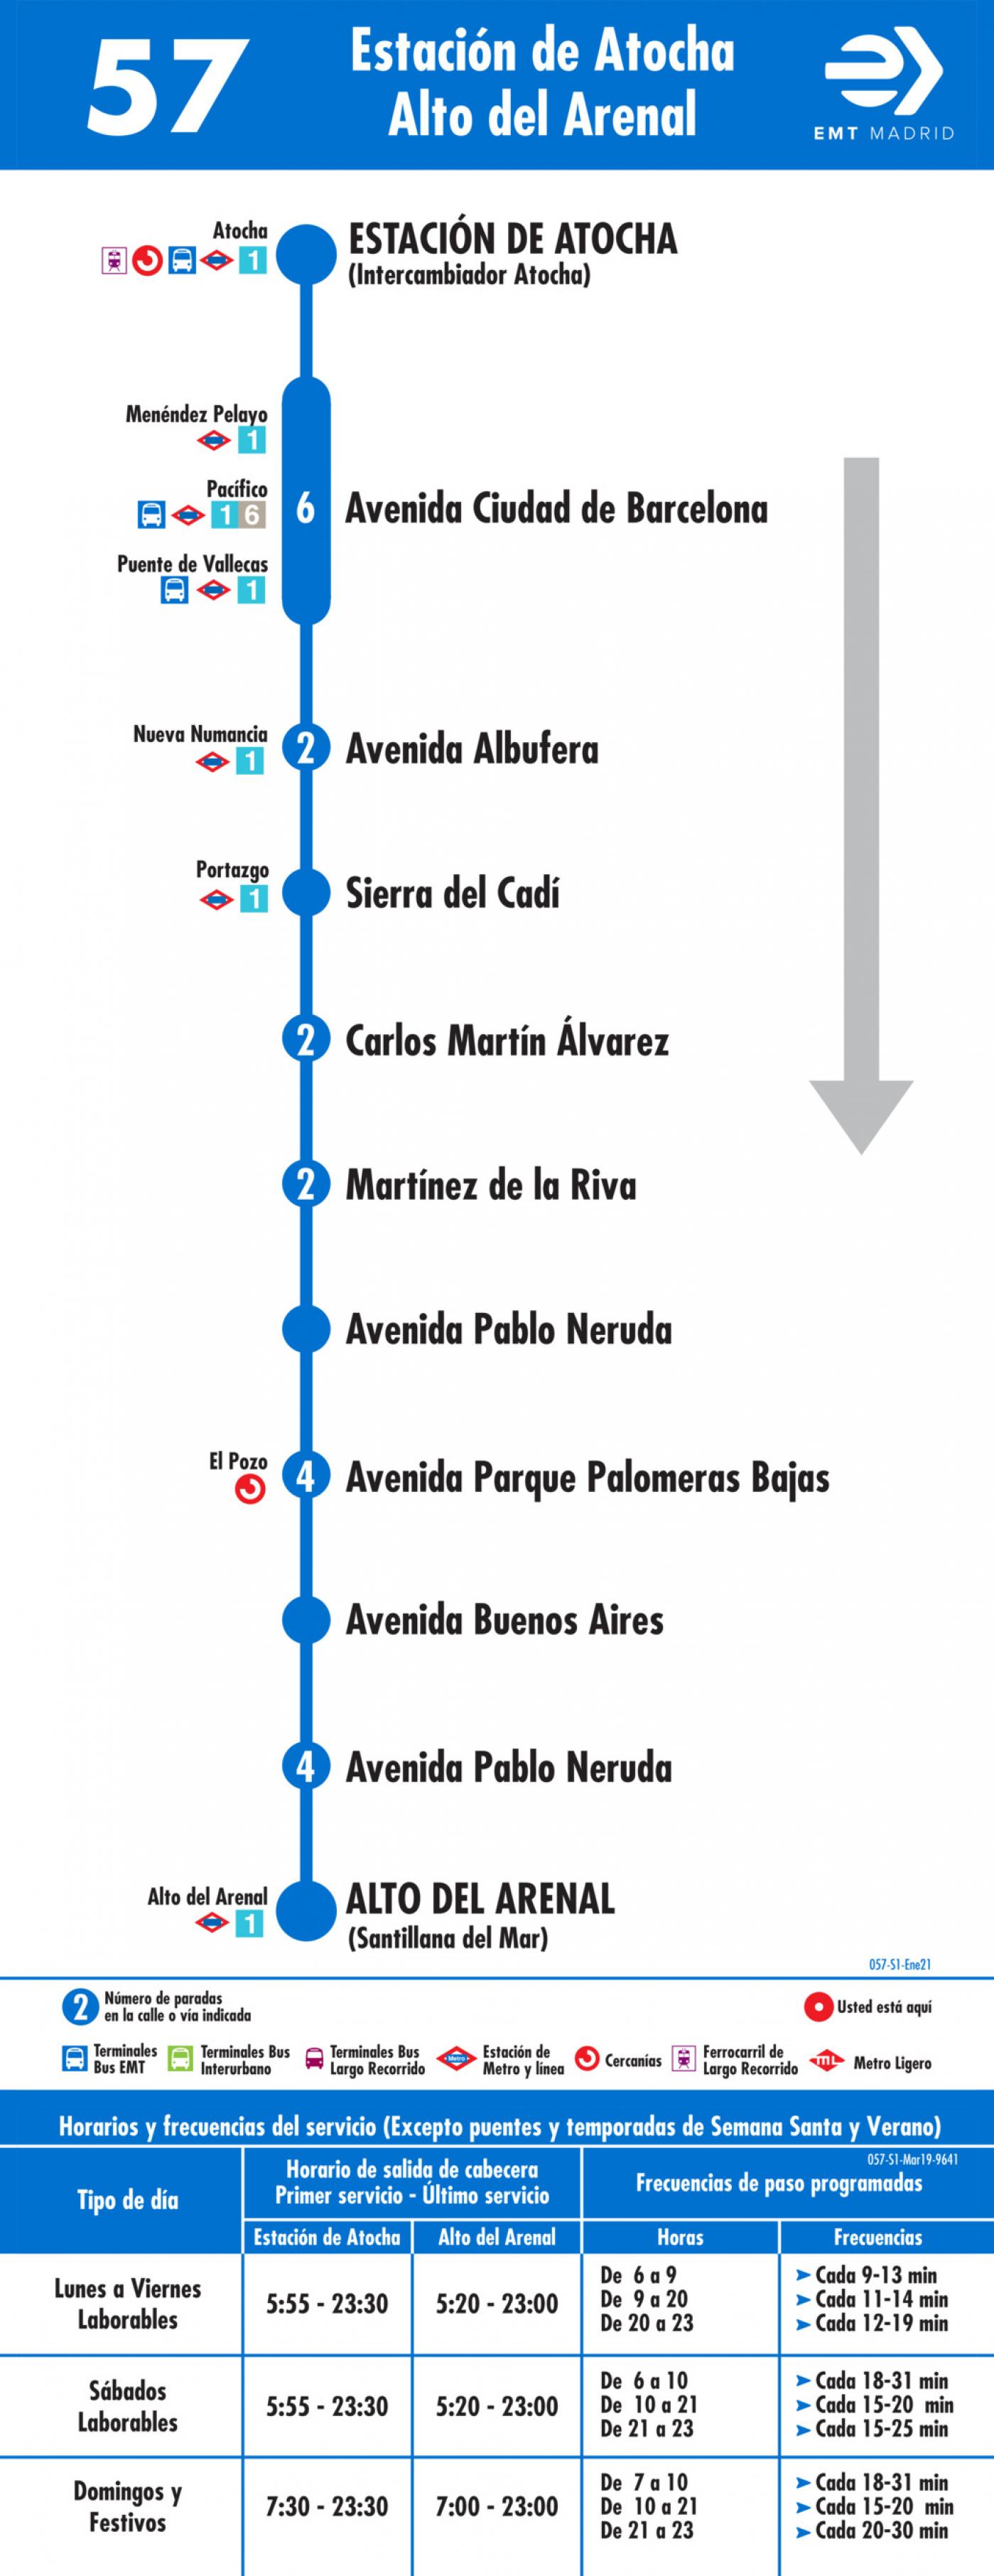 Tabla de horarios y frecuencias de paso en sentido ida Línea 57: Atocha - Alto del Arenal